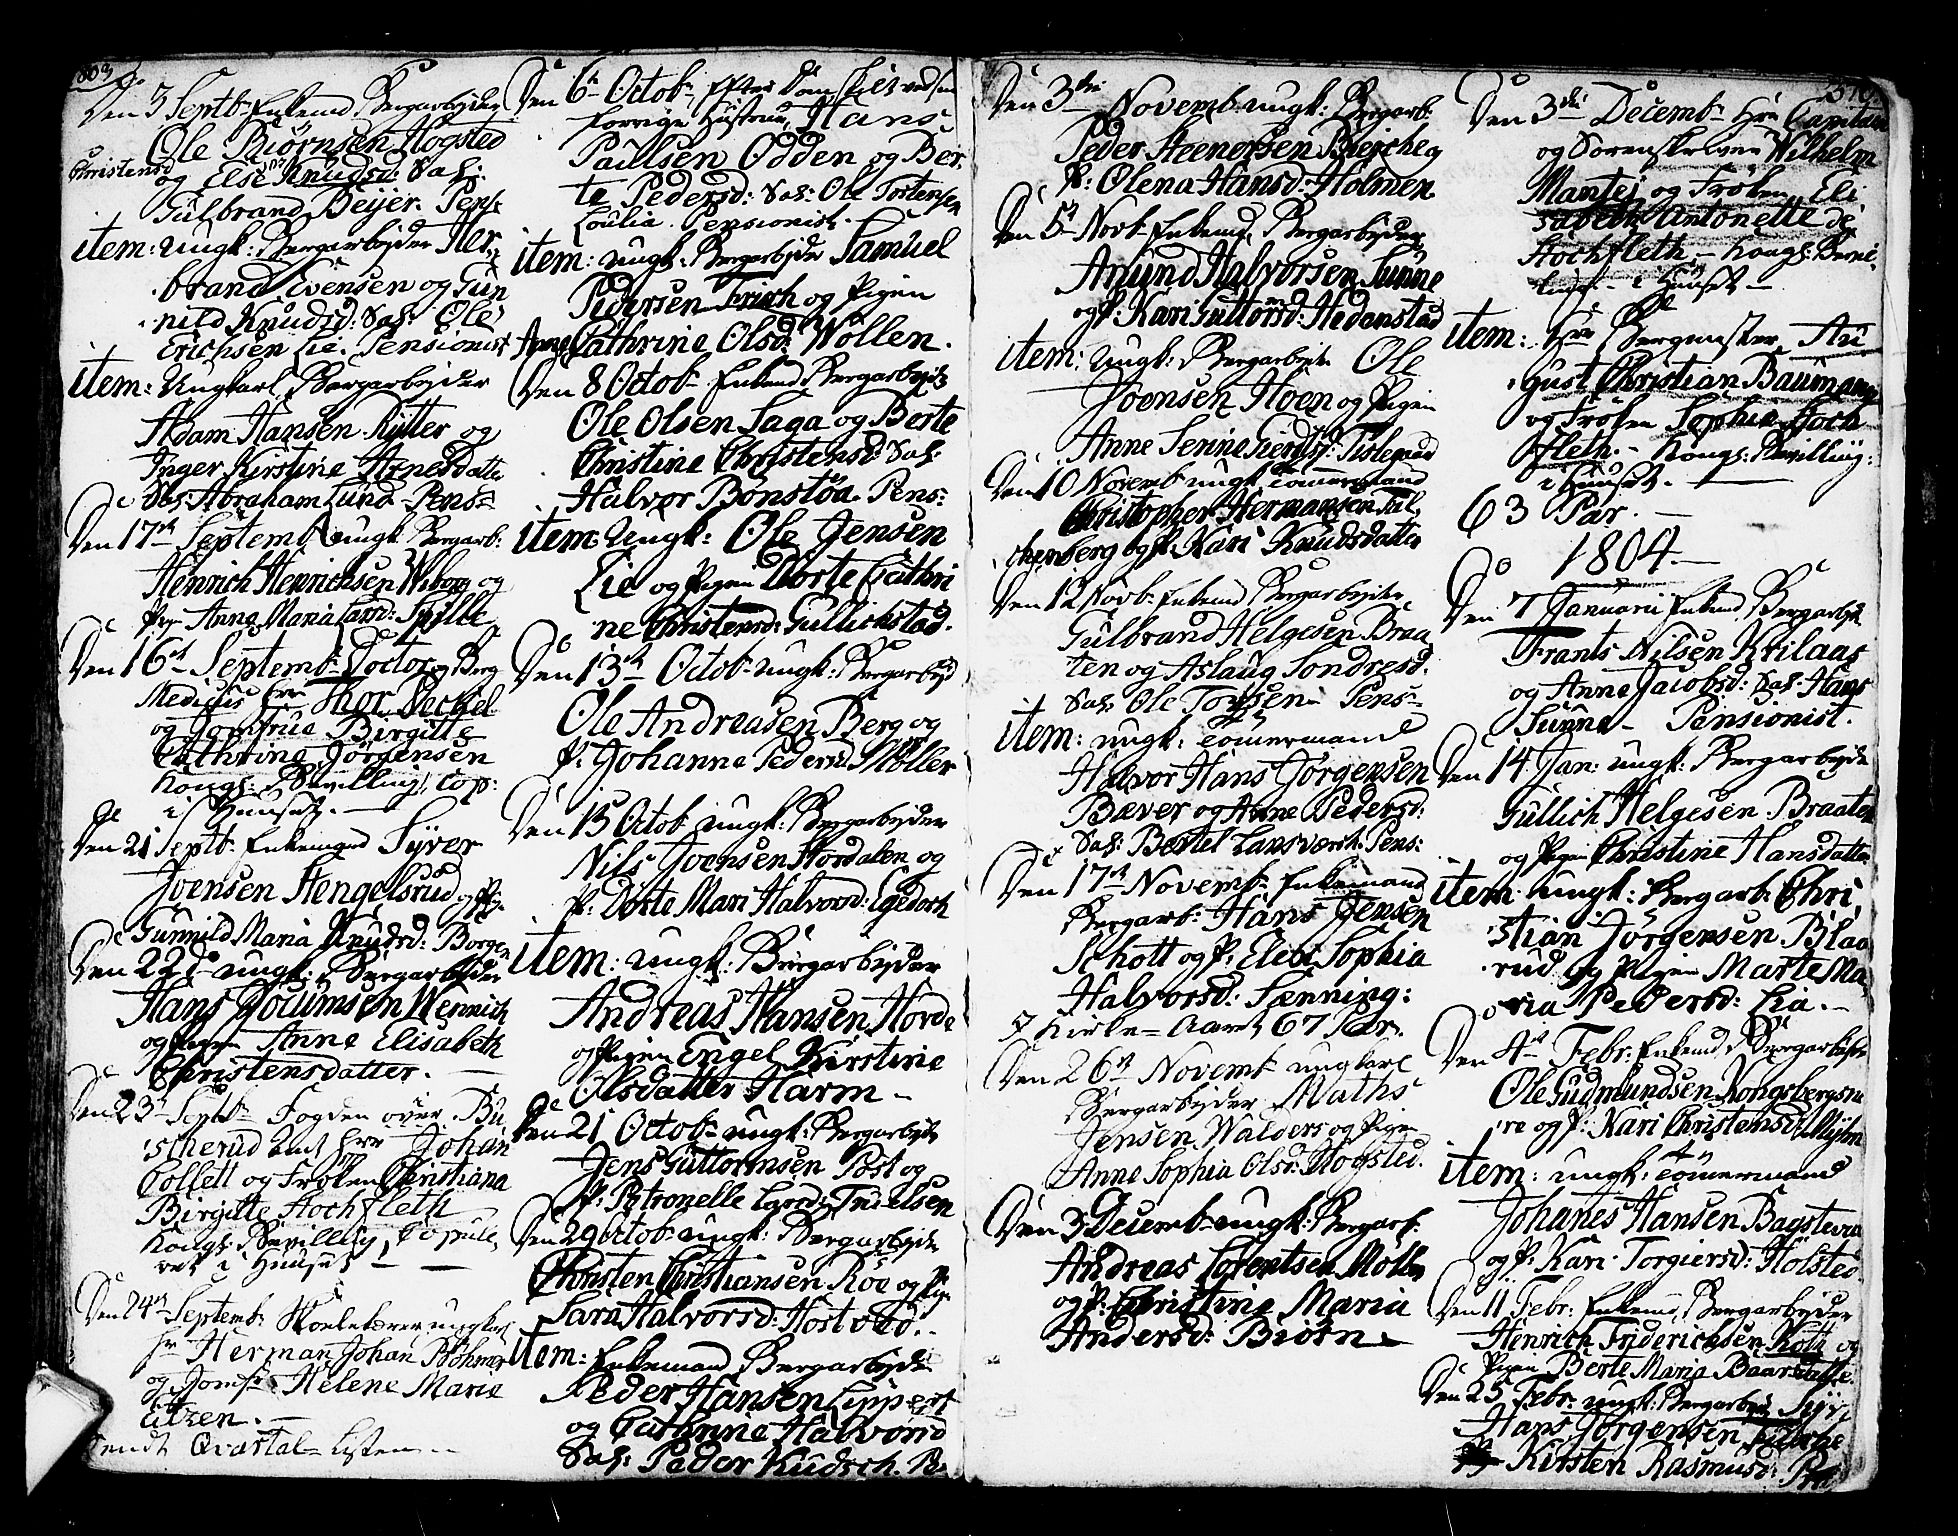 SAKO, Kongsberg kirkebøker, F/Fa/L0007: Ministerialbok nr. I 7, 1795-1816, s. 370